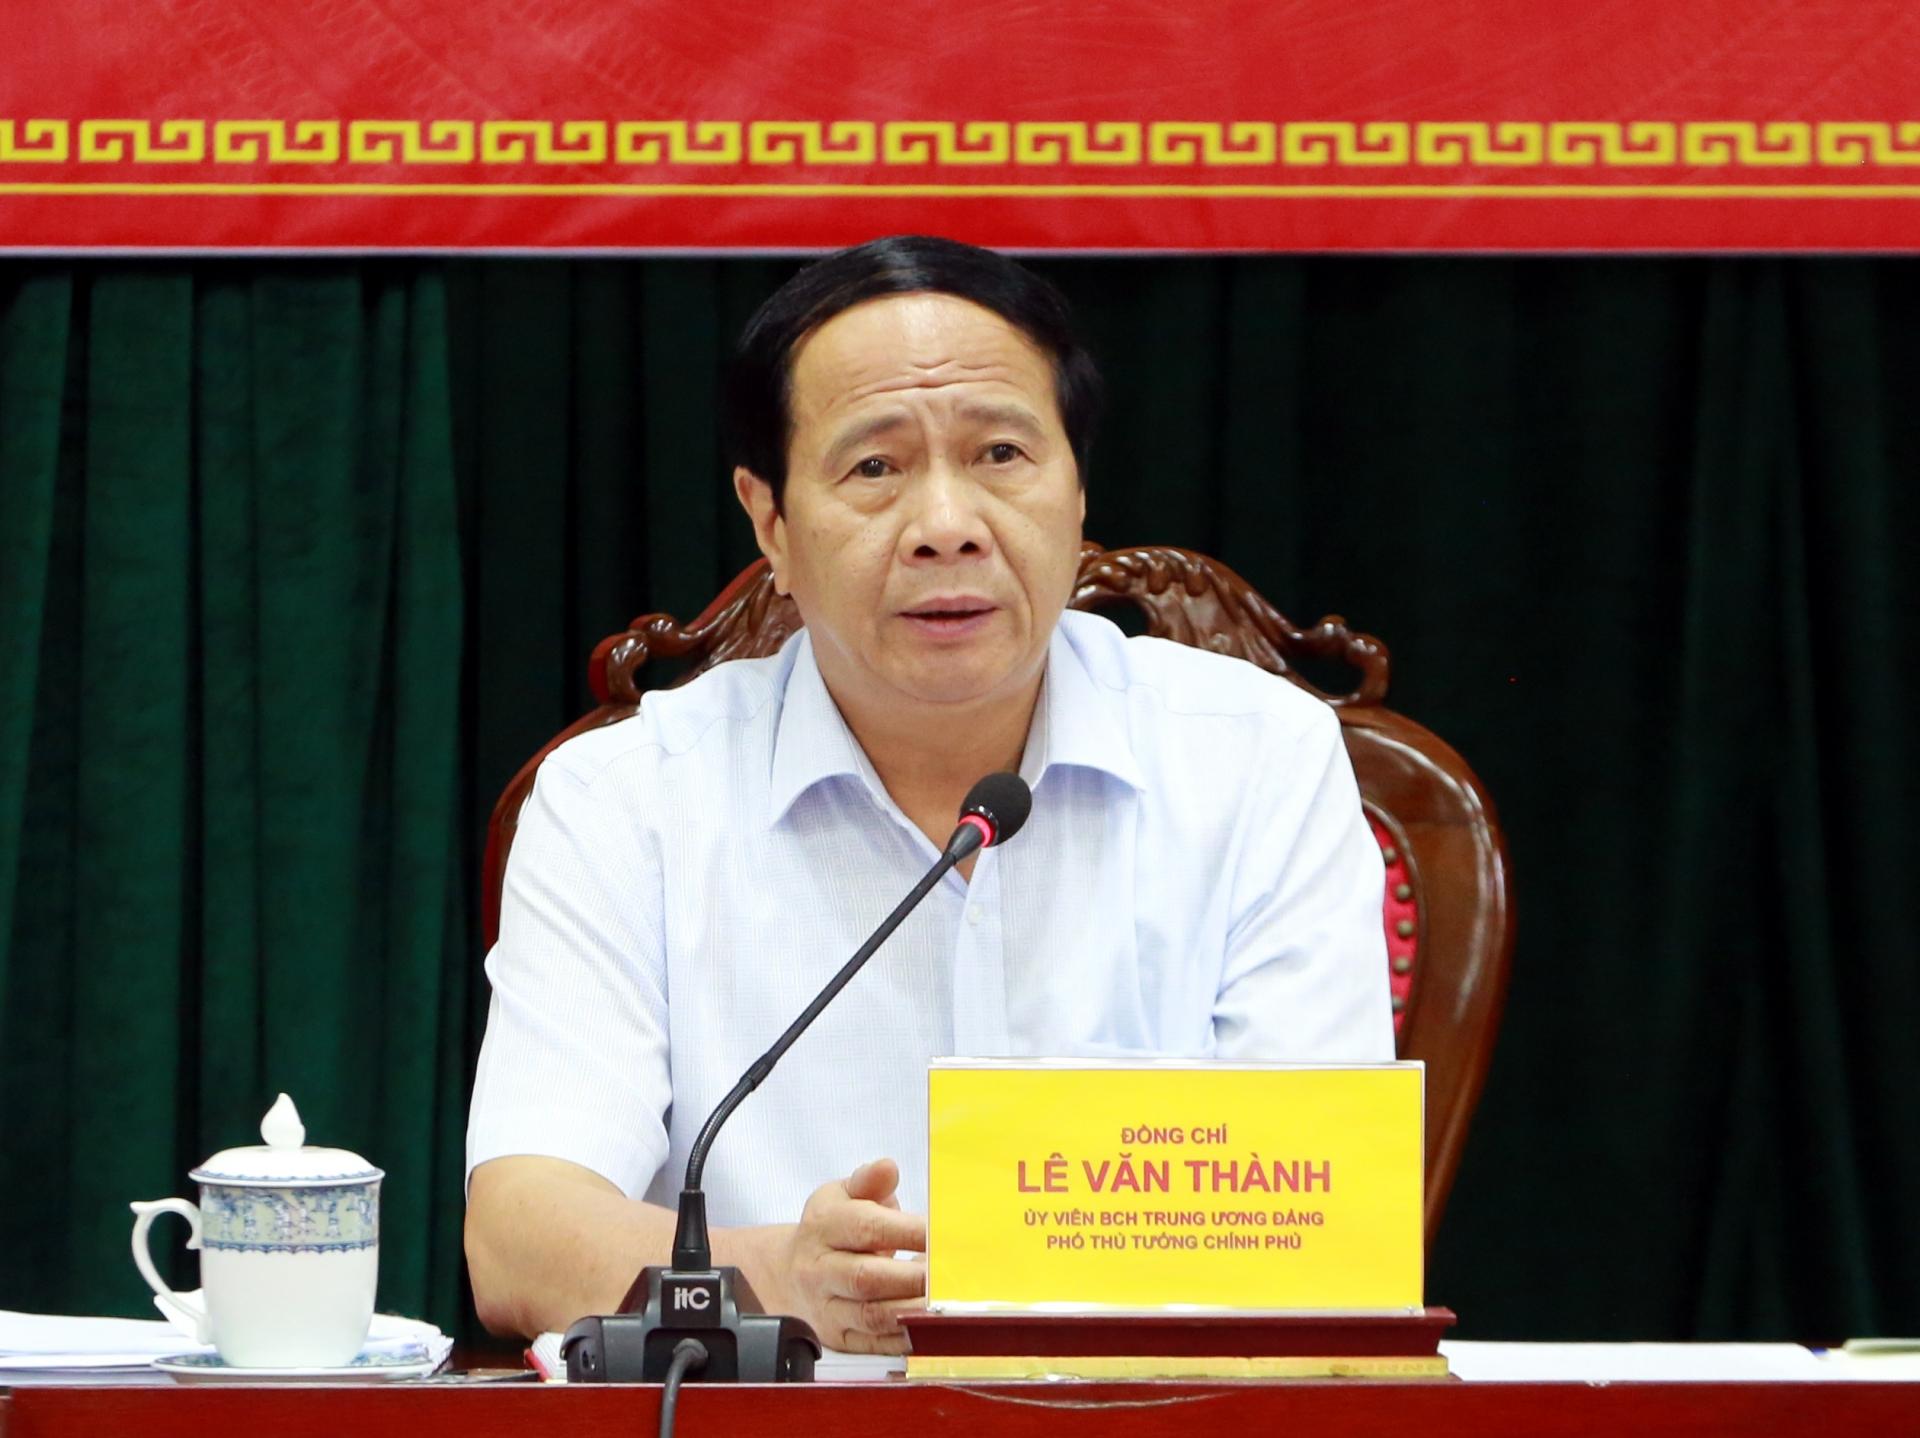 phai dua nha may nhiet dien thai binh 2 vao hoat dong nam 2022